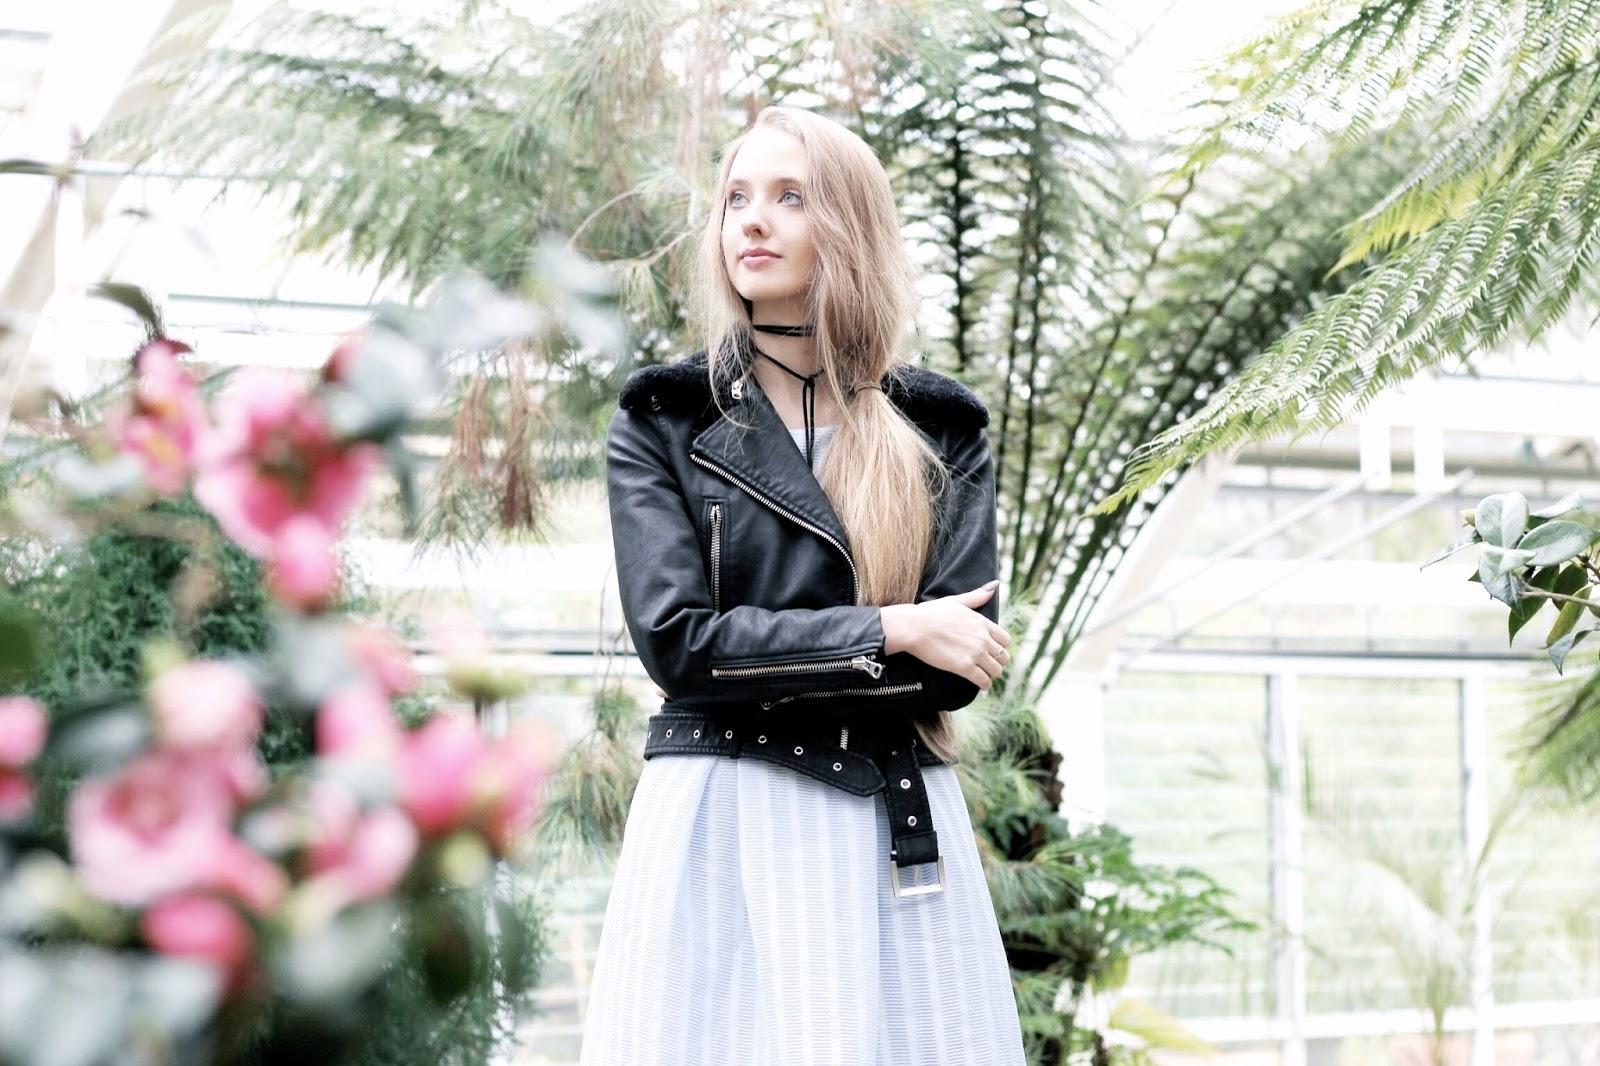 Fashion blog photoshoot in glasshouse greenhouse